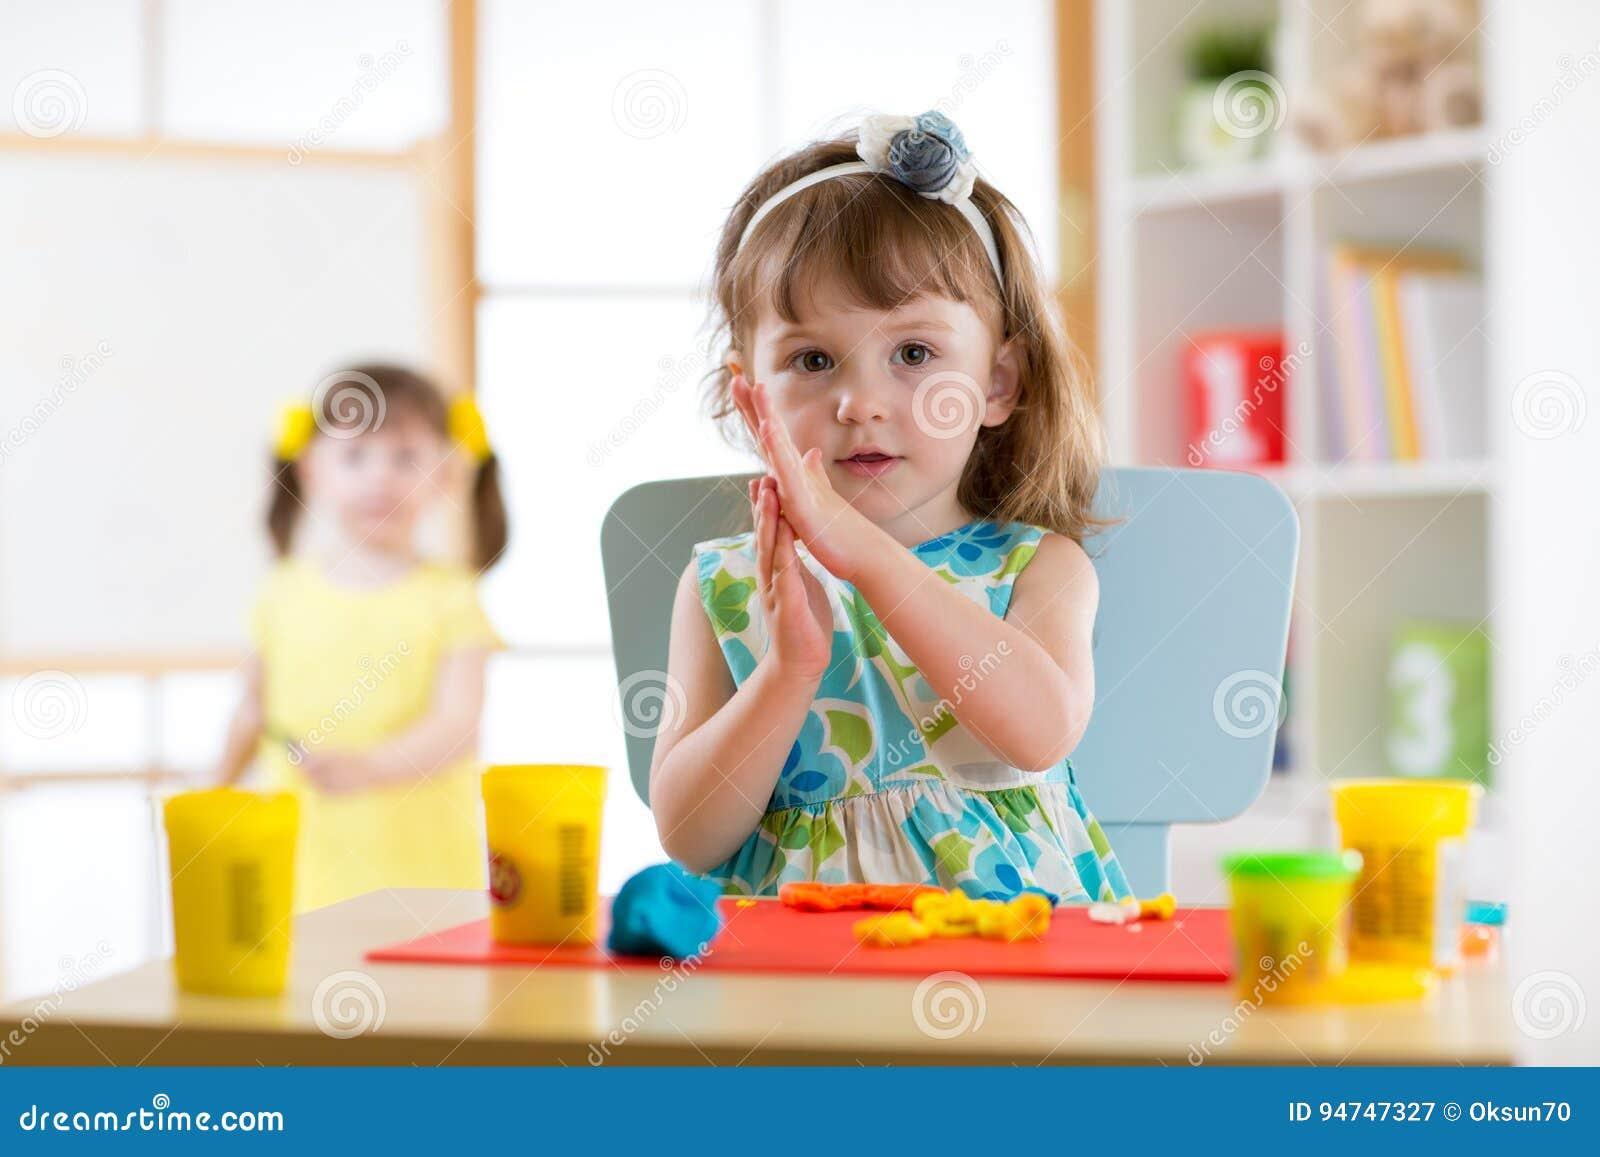 Preschooler dziewczyna ma zabawę wraz z kolorową modelarską gliną przy daycare Kreatywnie dzieciak pleśnieje w domu Dzieci